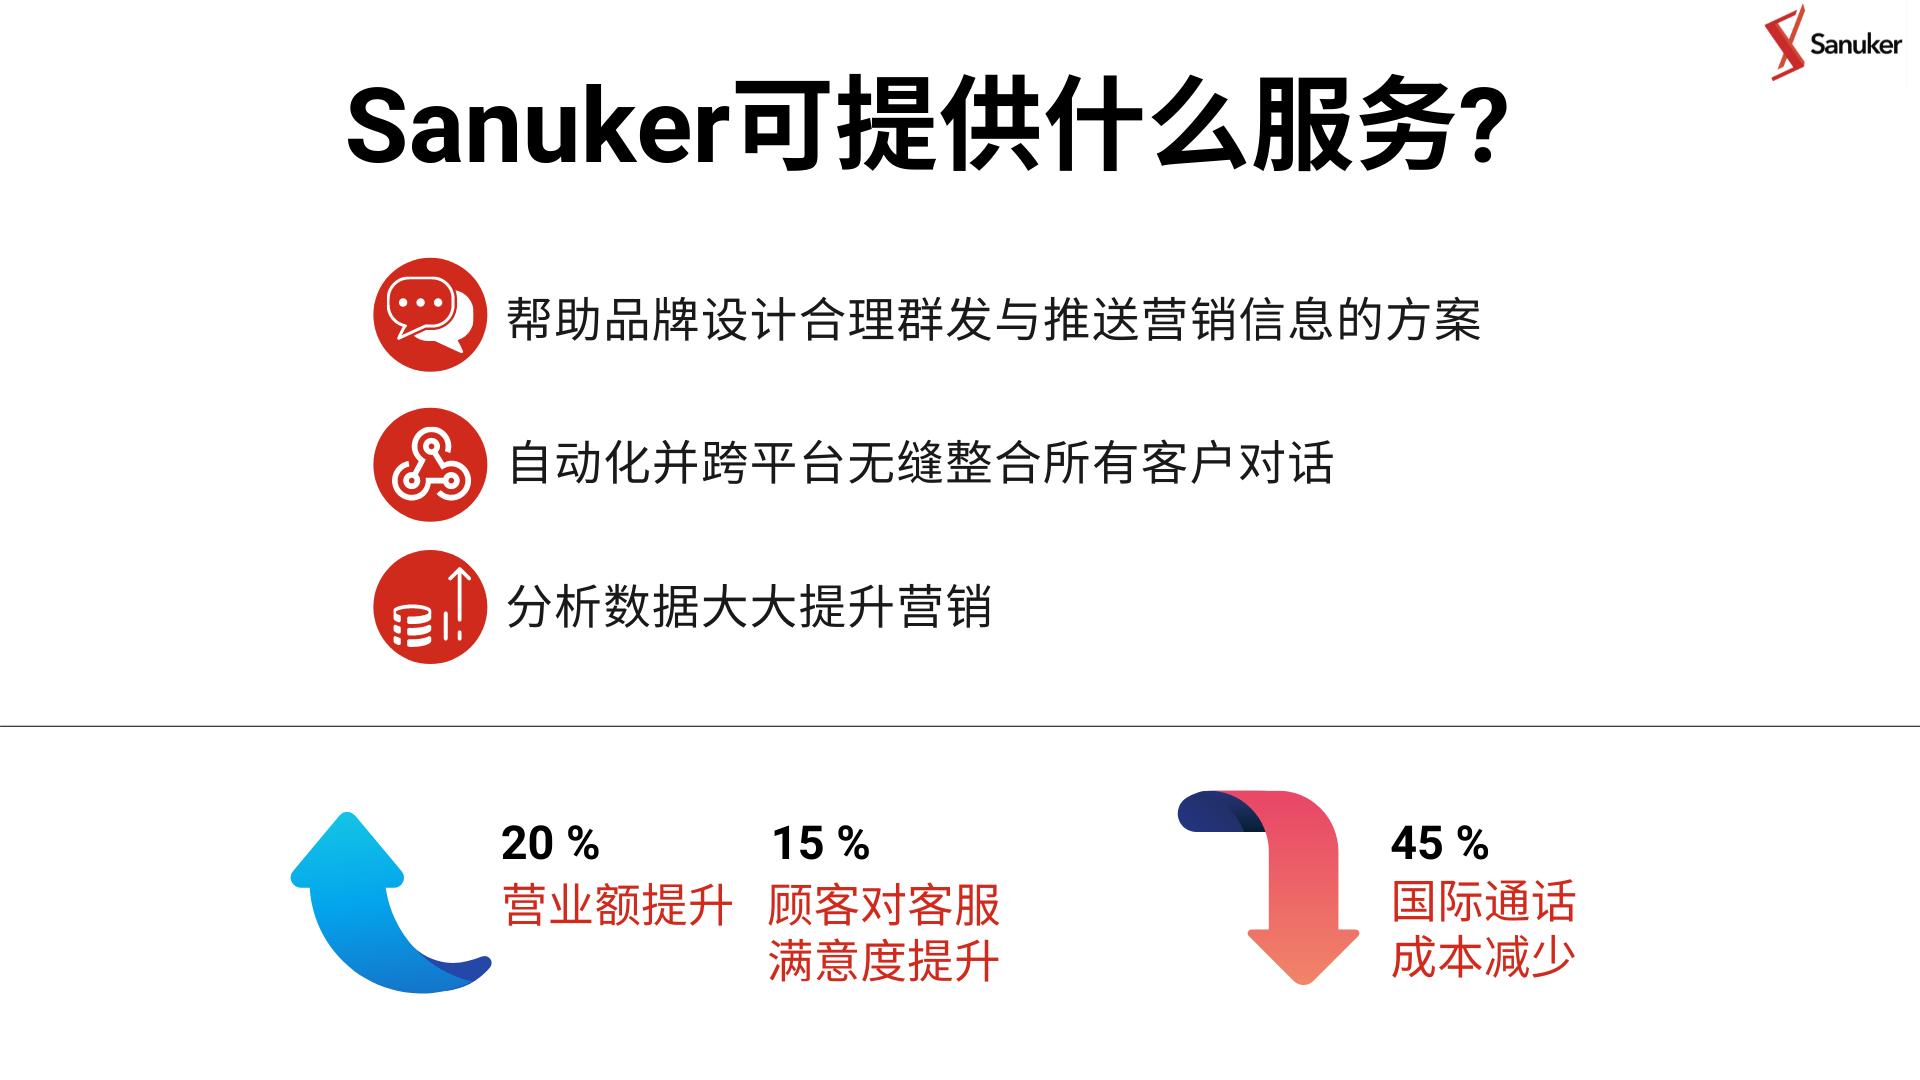 sanuker blog cover image (13).png